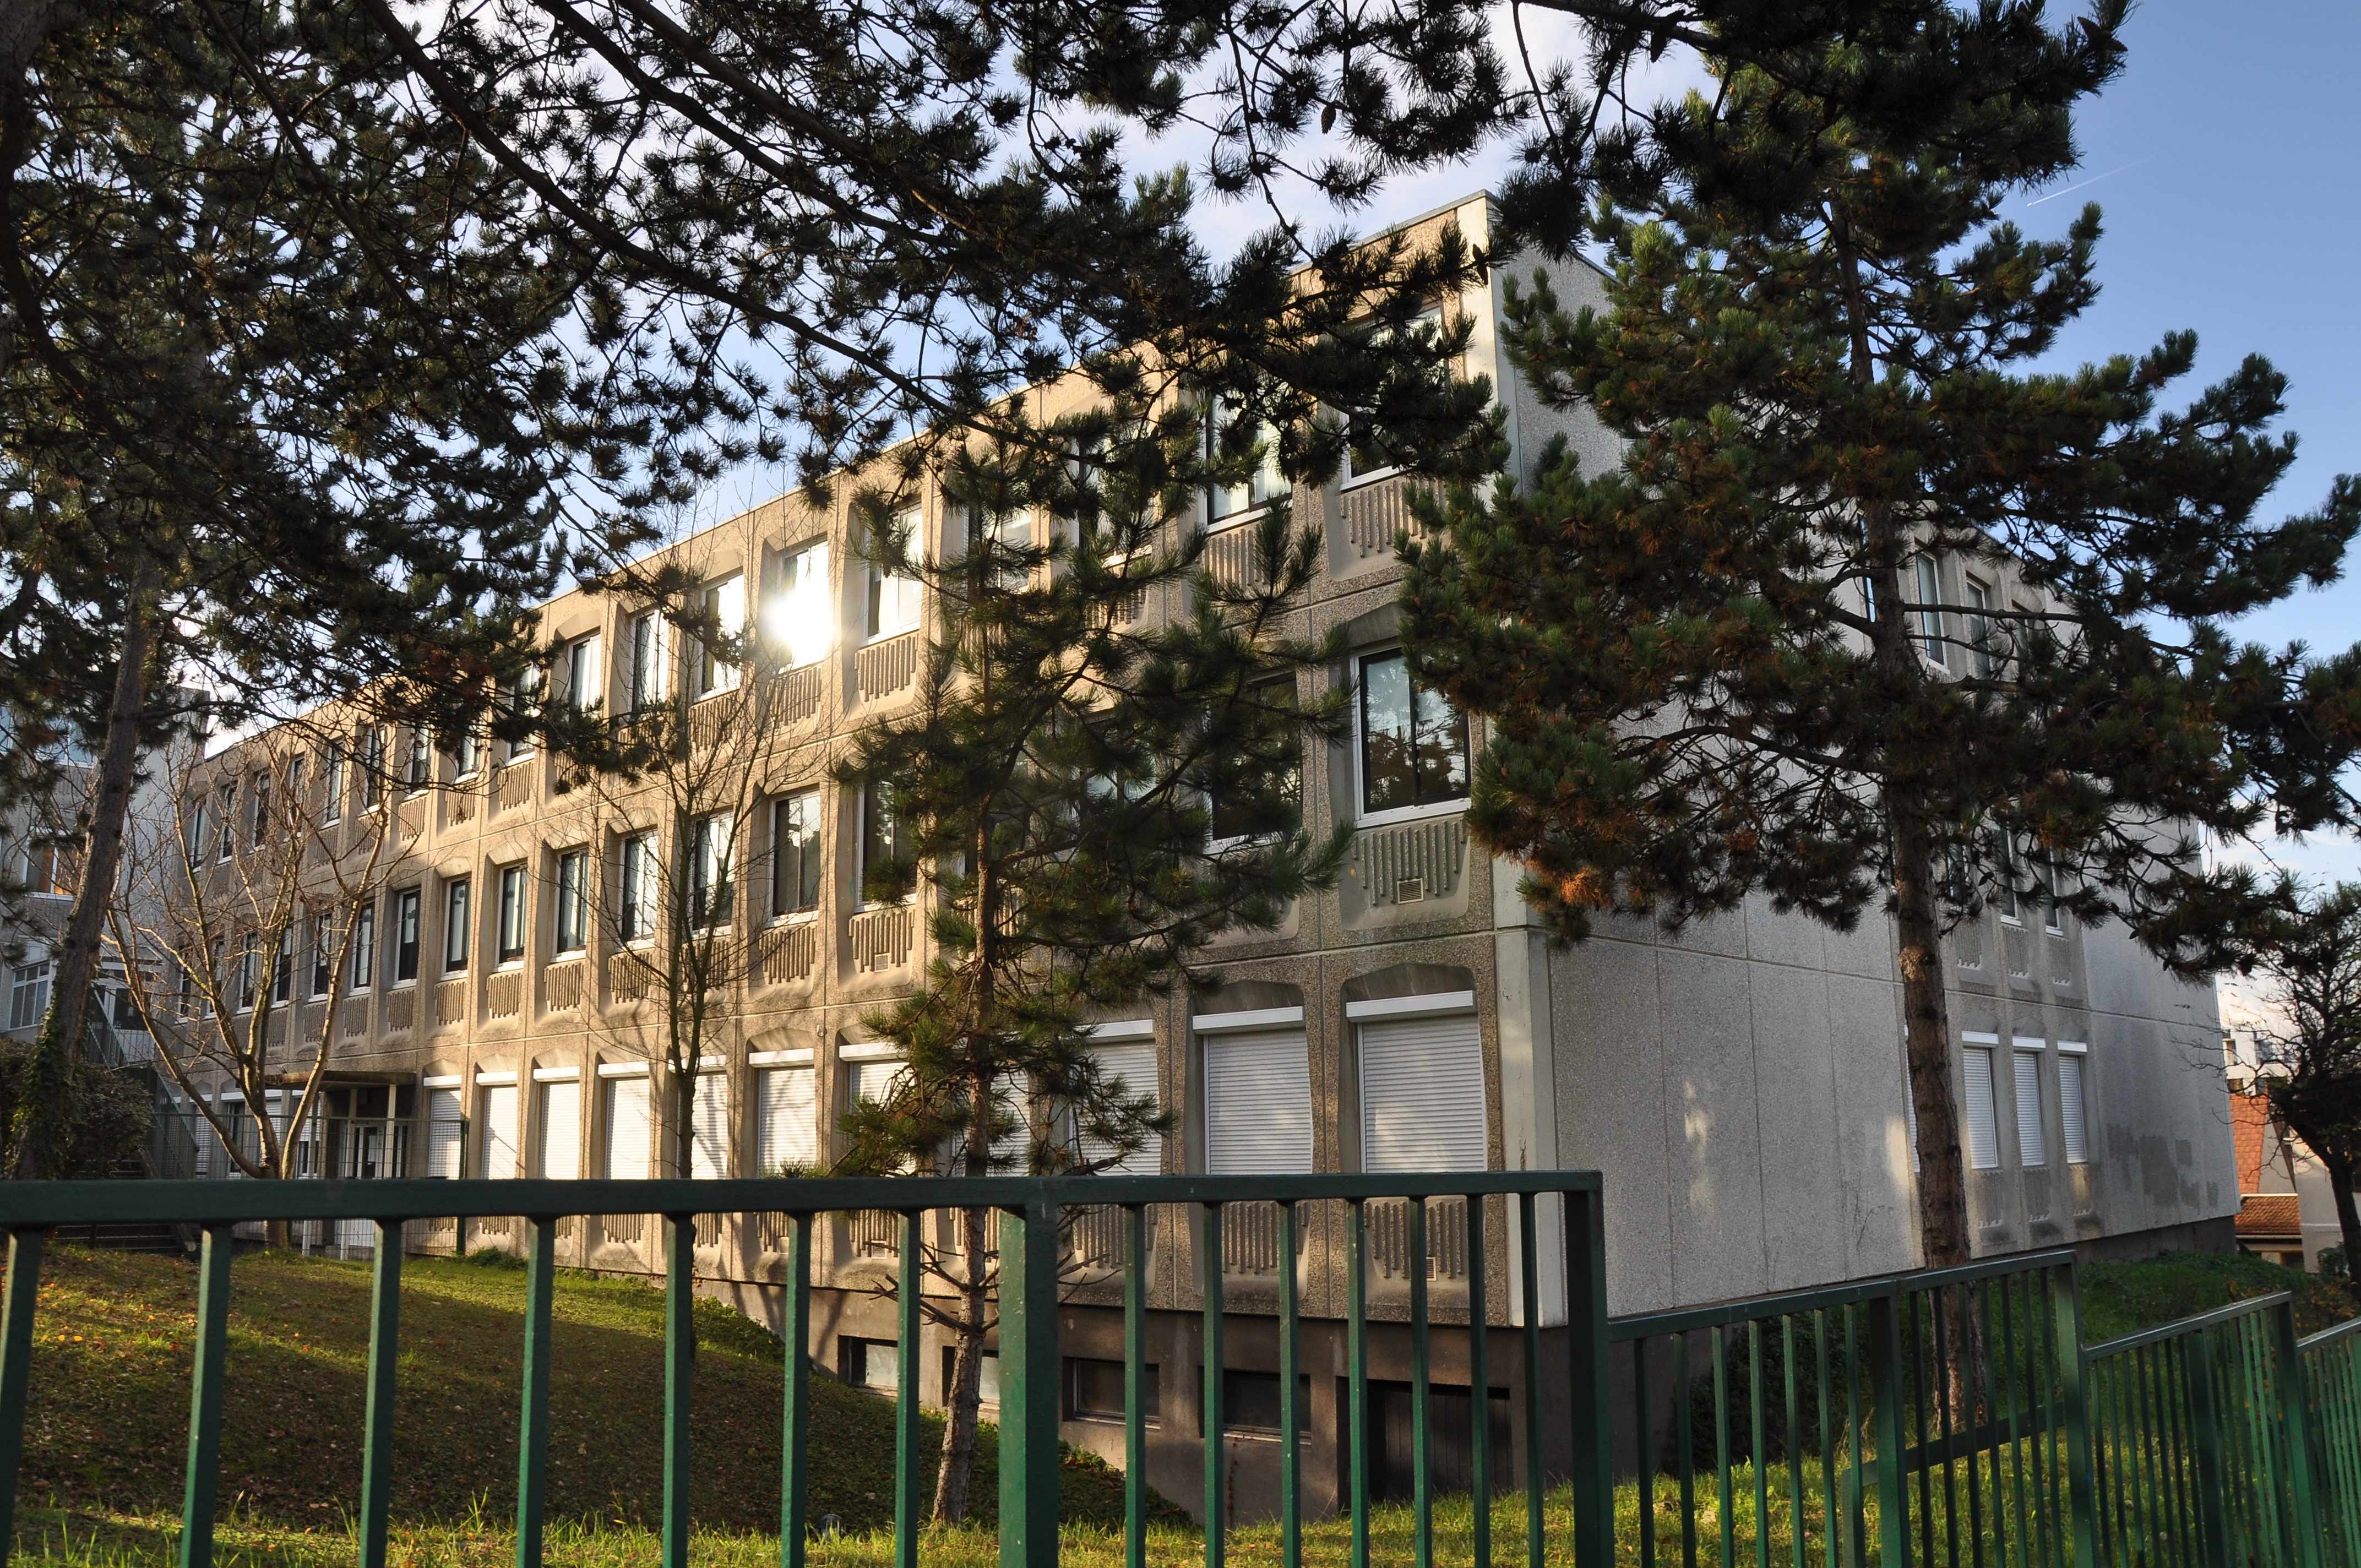 architecte rueil malmaison hanami campus rueil malmaison france building by volade pistre. Black Bedroom Furniture Sets. Home Design Ideas